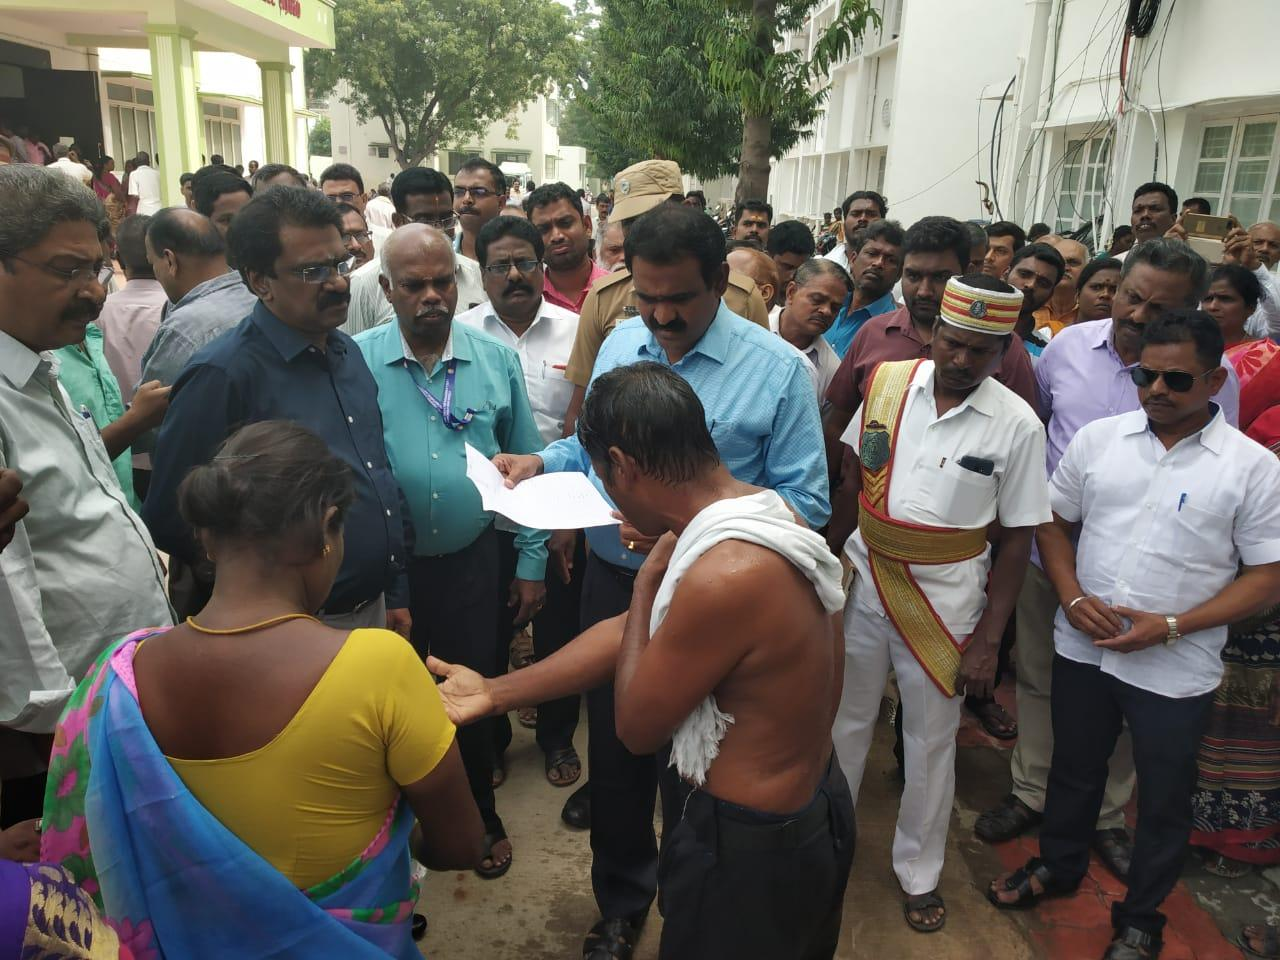 காஞ்சிபுரம் மாவட்ட ஆட்சியர் தீக்குளிக்க முயற்சி